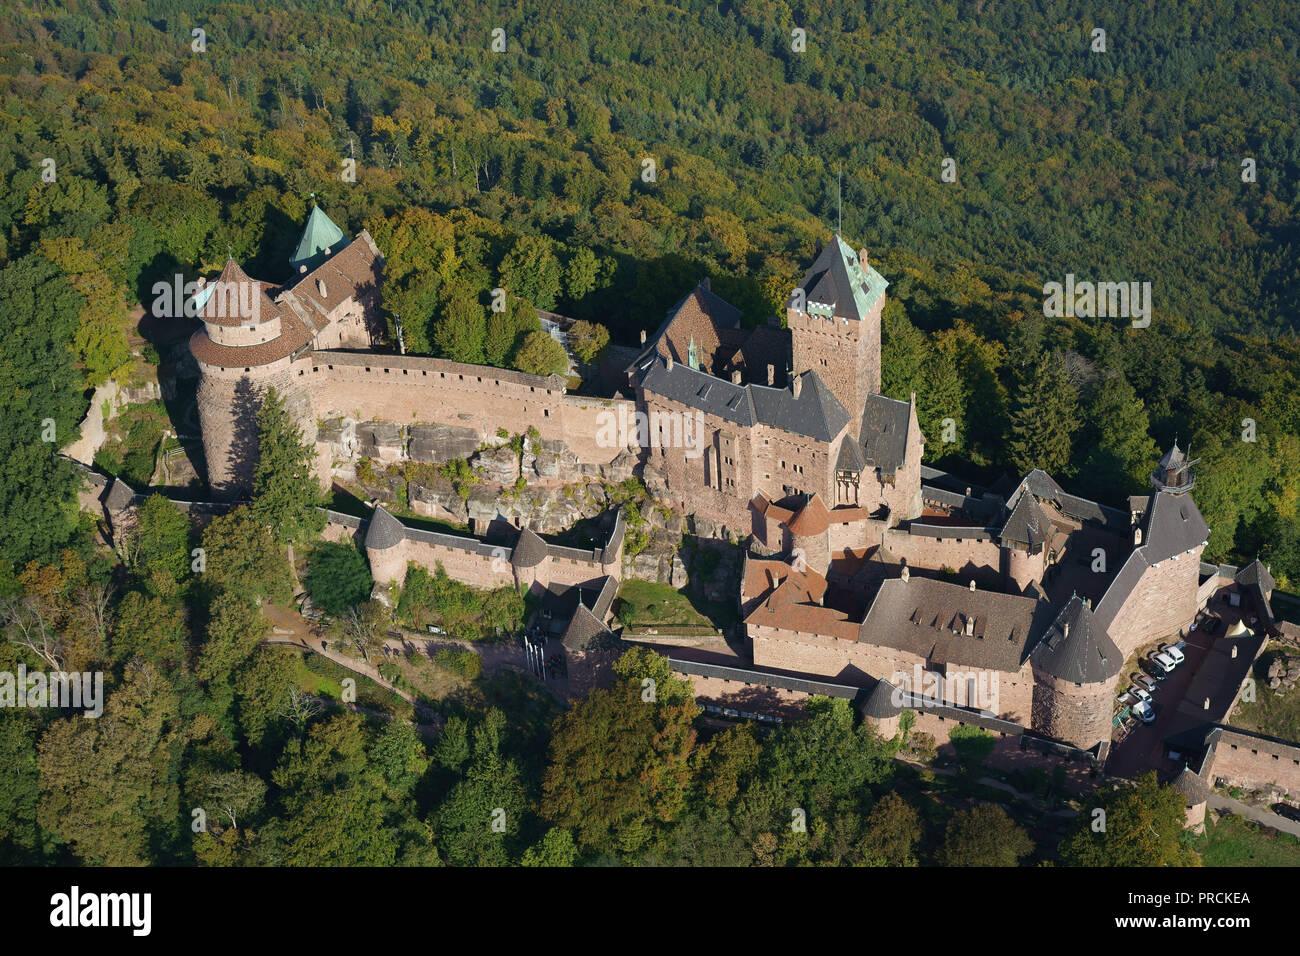 Rosa Sandstein mittelalterlichen Burg AUF EINEM BERG (Luftbild). Hohkönigsburg in Bas-Rhin, Elsass, Grand Est, Frankreich. Stockbild